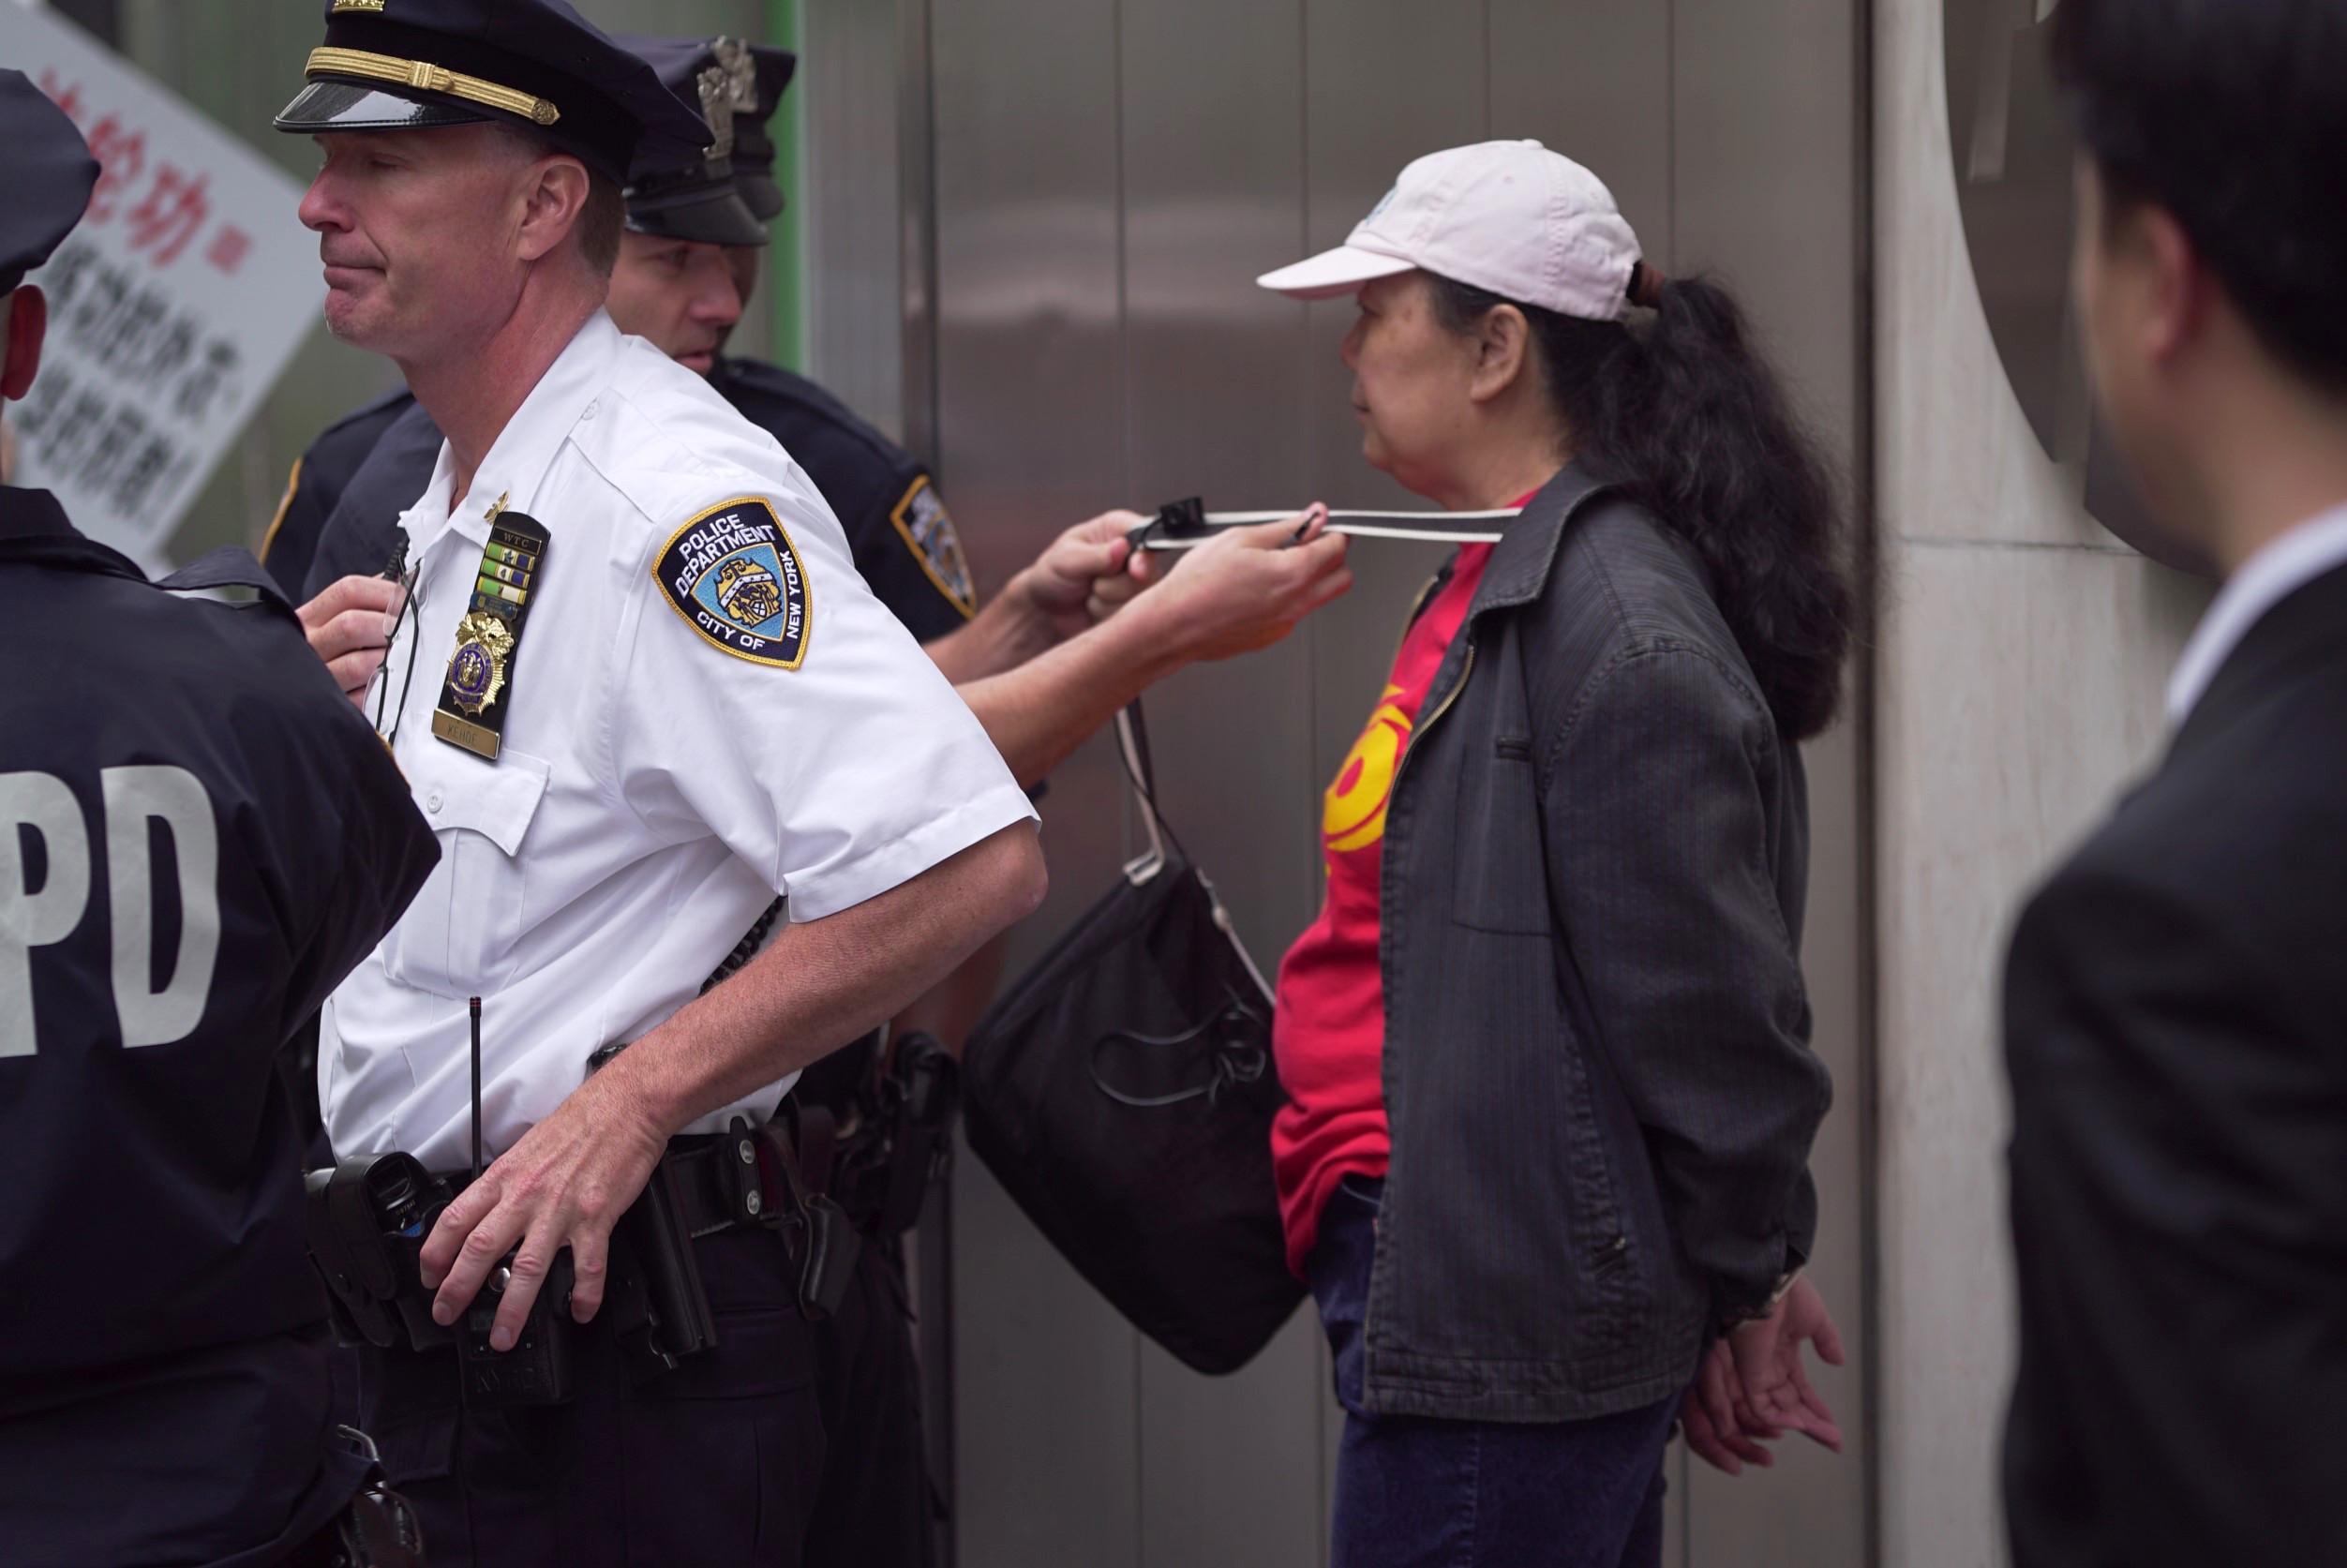 2016年5月13日,李華紅(中)因為干擾法輪功的活動被紐約警察當場拘捕。(大紀元)